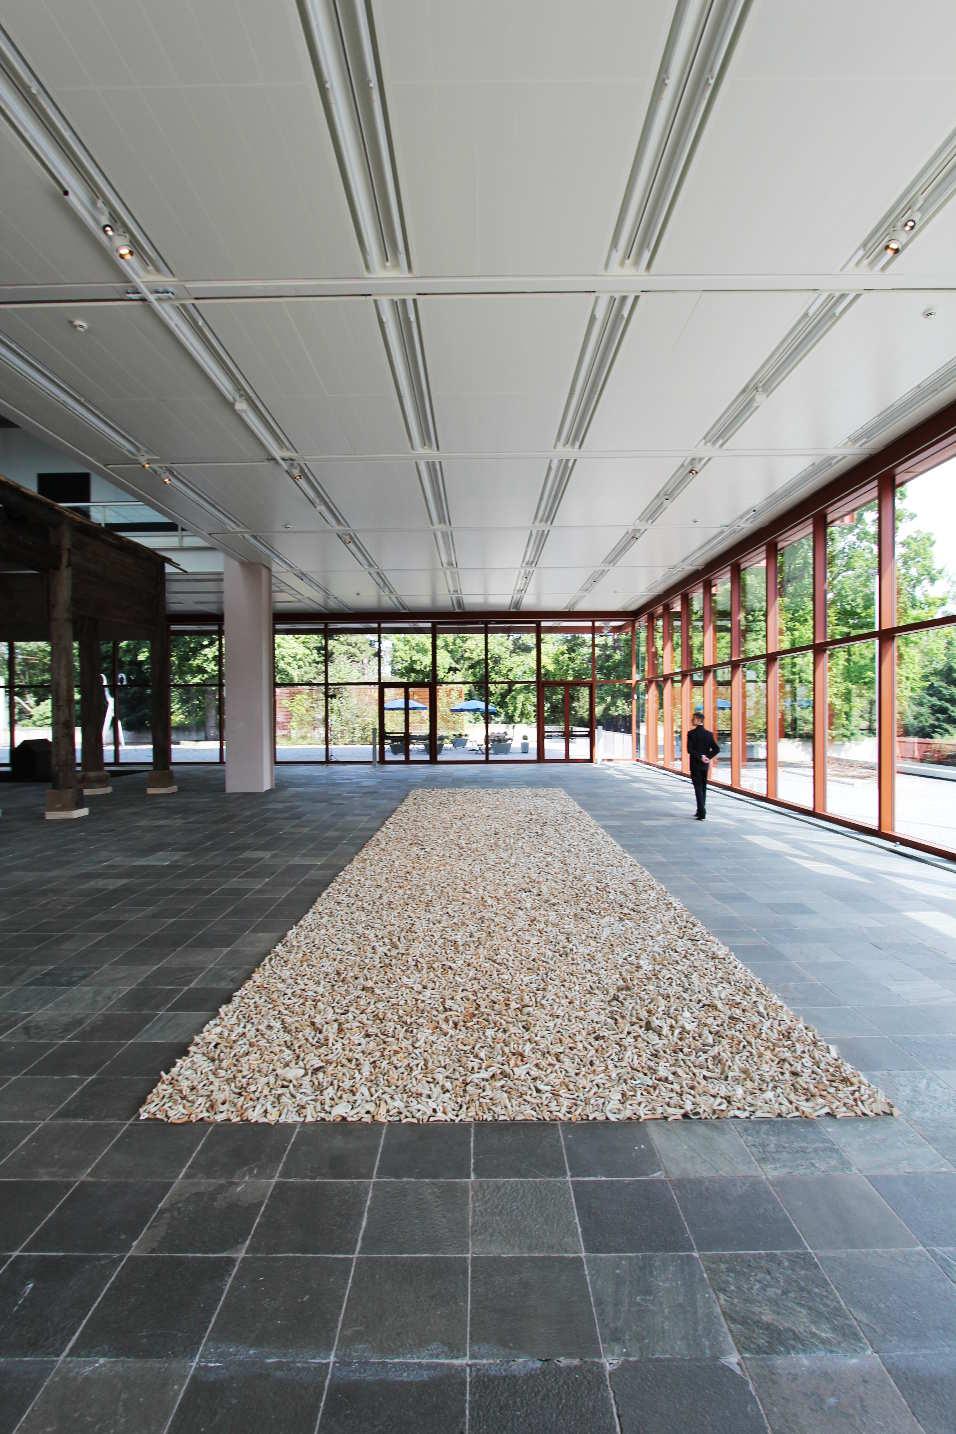 Ai Weiwei, Spouts, 2015, Keramik, 100,000 antique spouts from the Song to Qing dynasties; Installationsmaße: 1400 x 400 cm © Ai Weiwei Studio, Foto: © Alexandra Matzner.